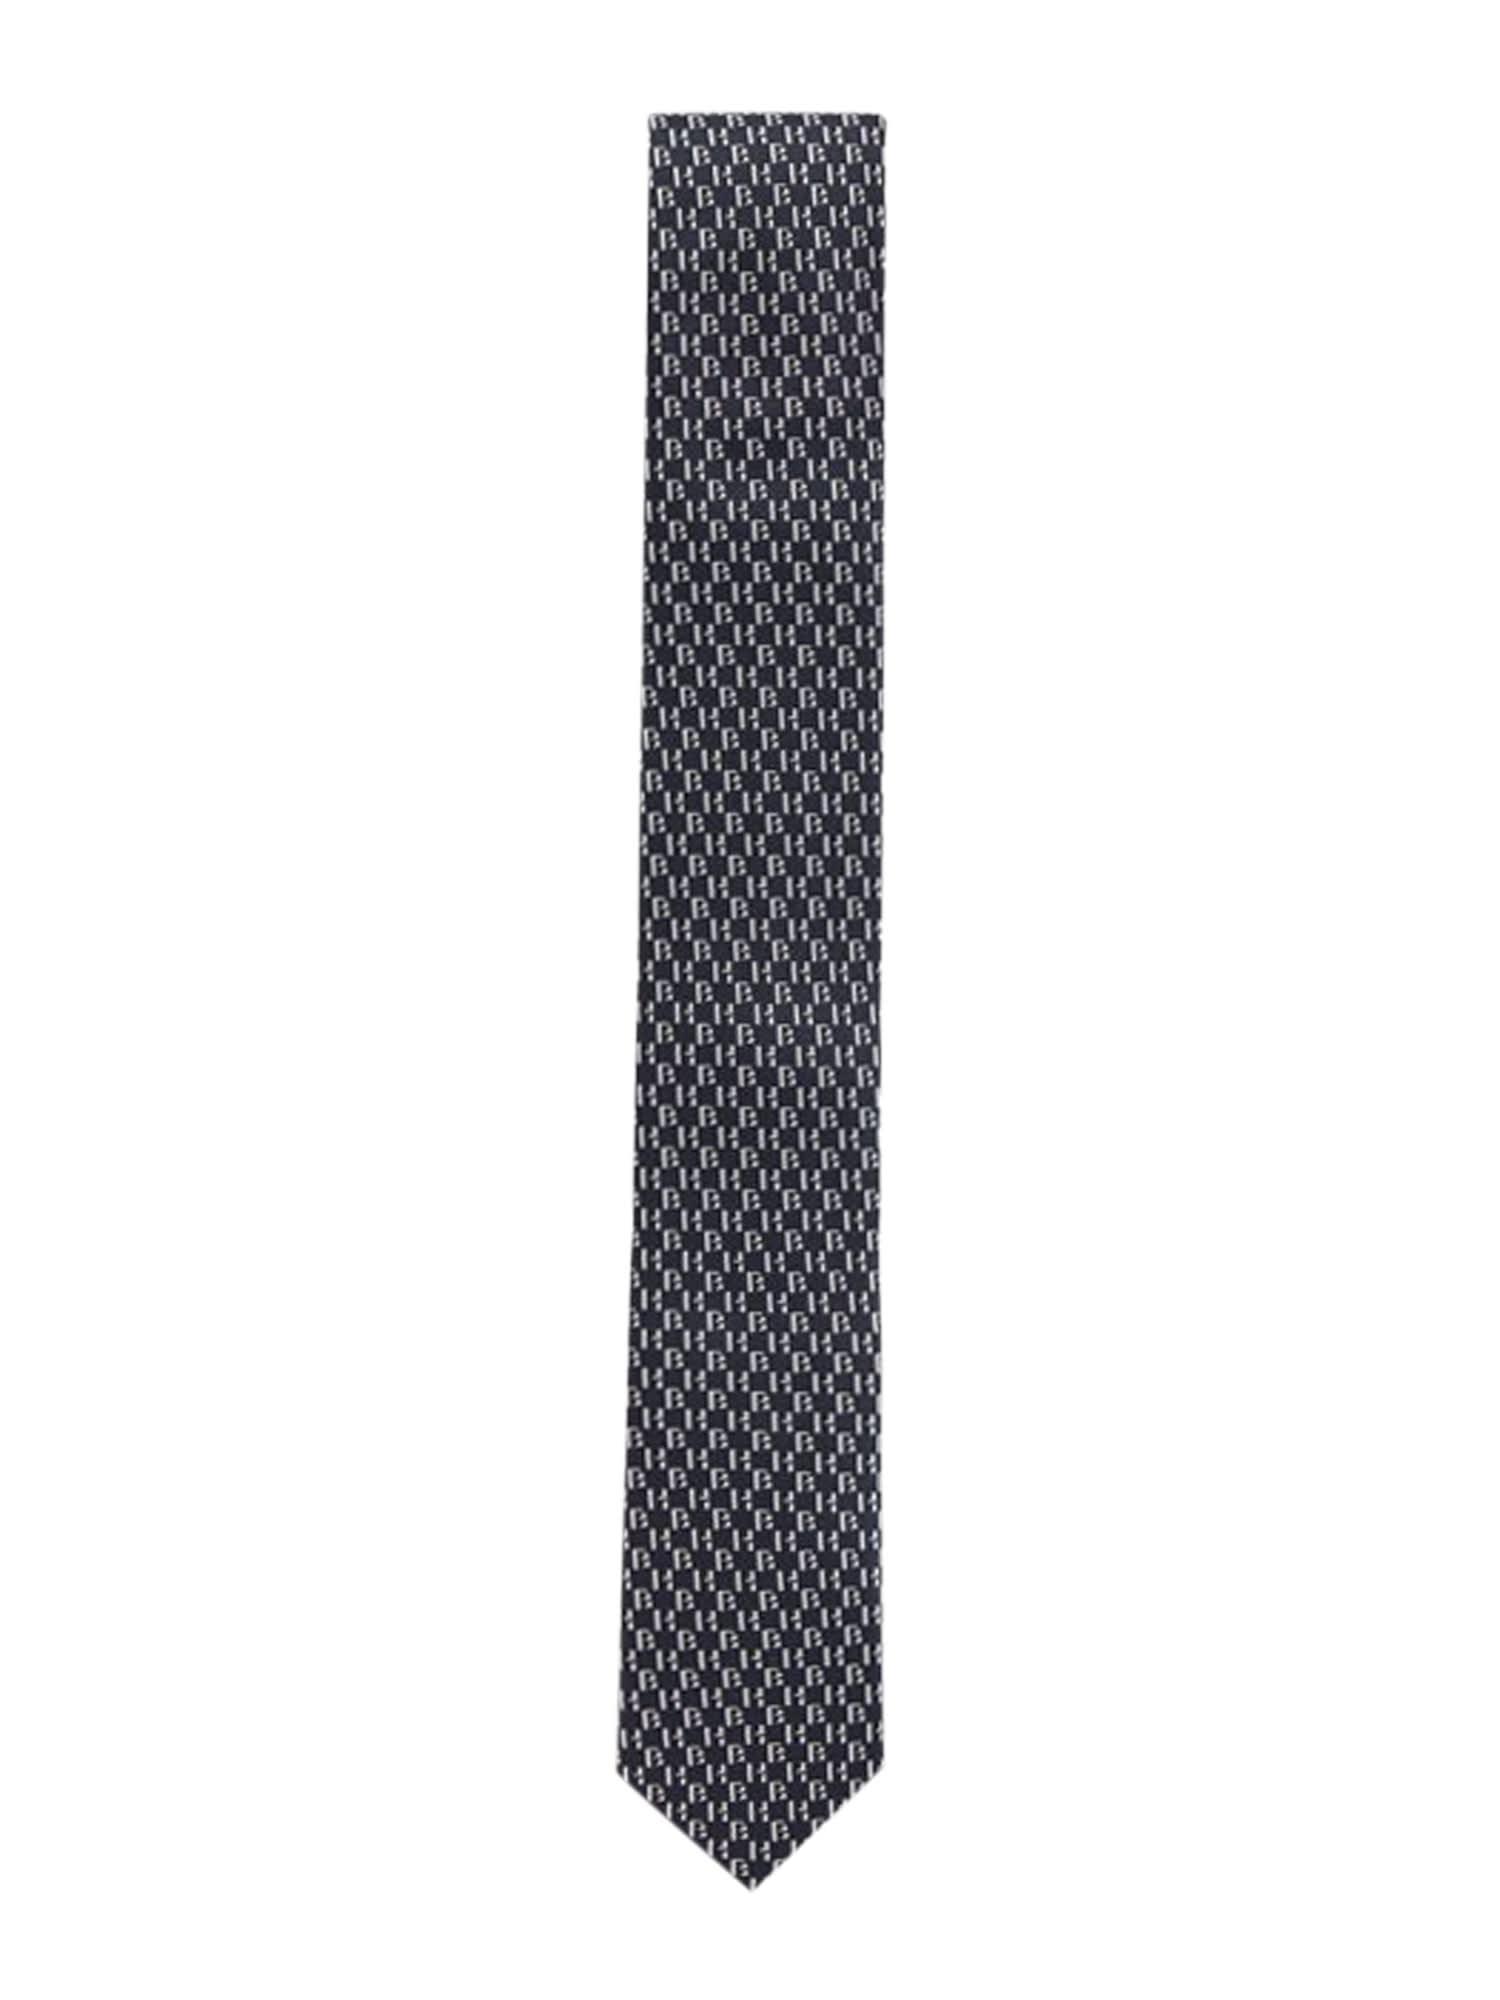 Hugo Boss Tie With Jacquard Pattern